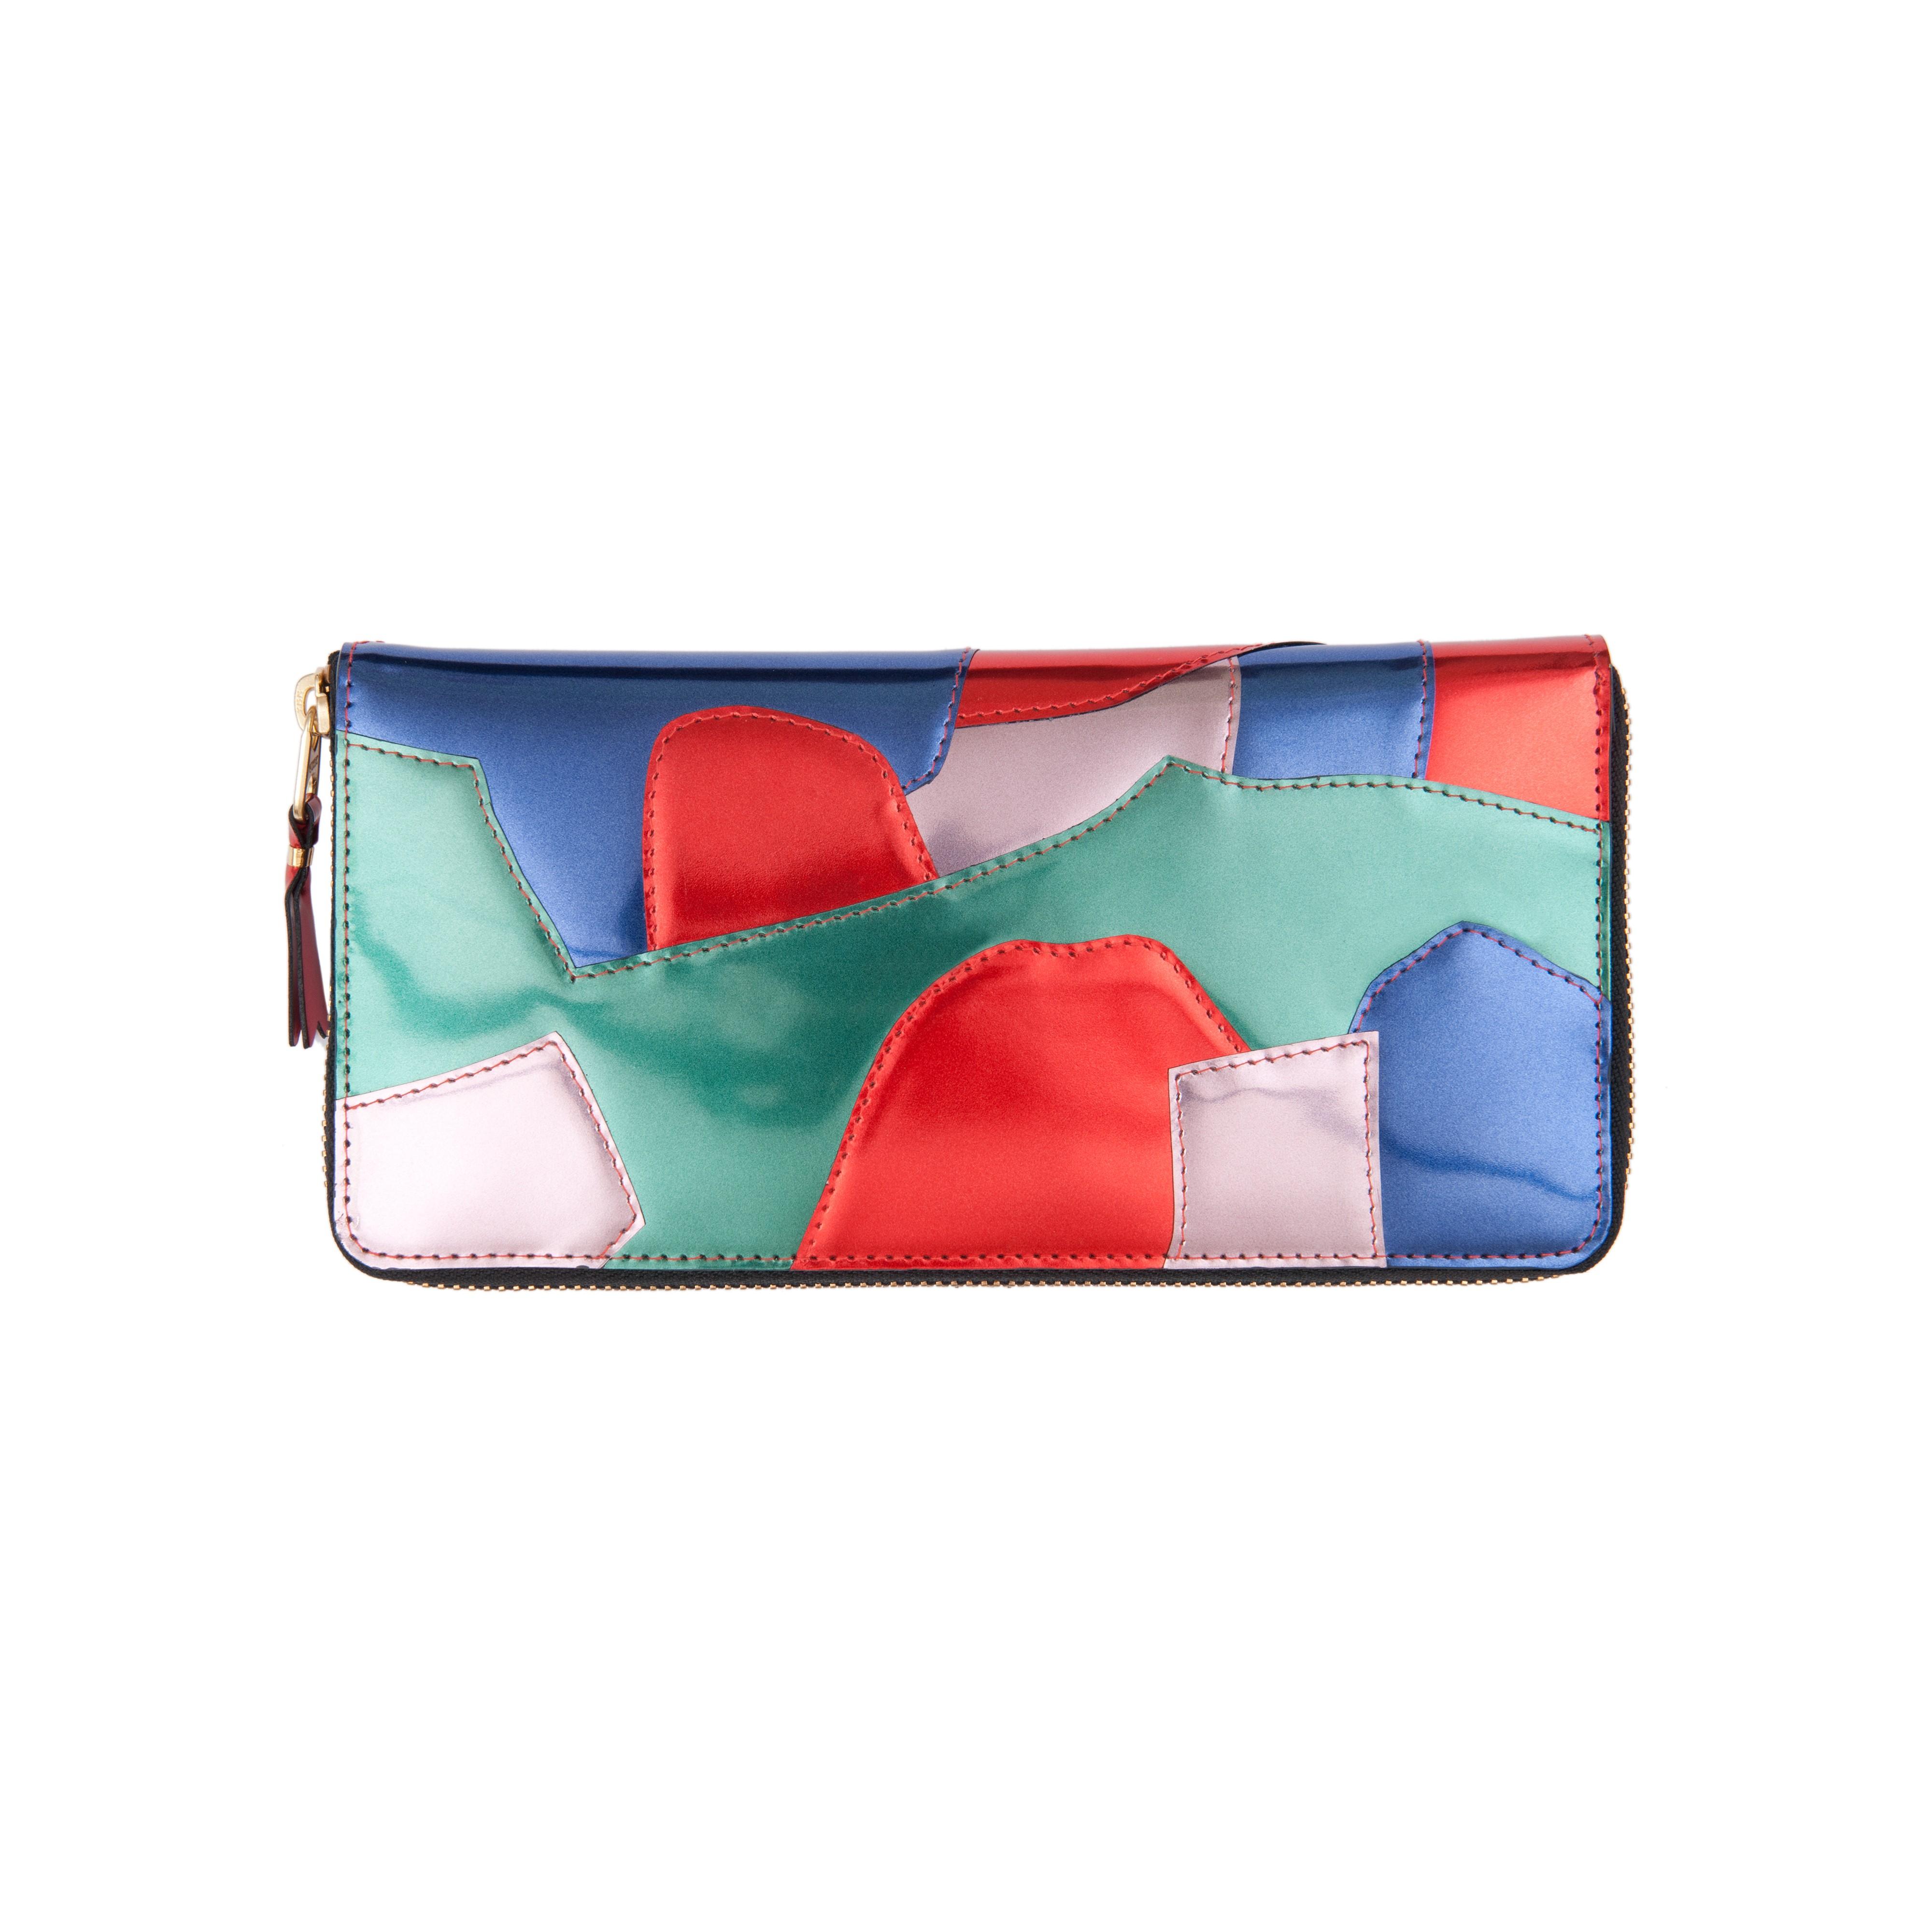 Commes Des Garcons Wallet | Comme Des Garcons Accessories | Comme Des Garcons Shop Online Usa